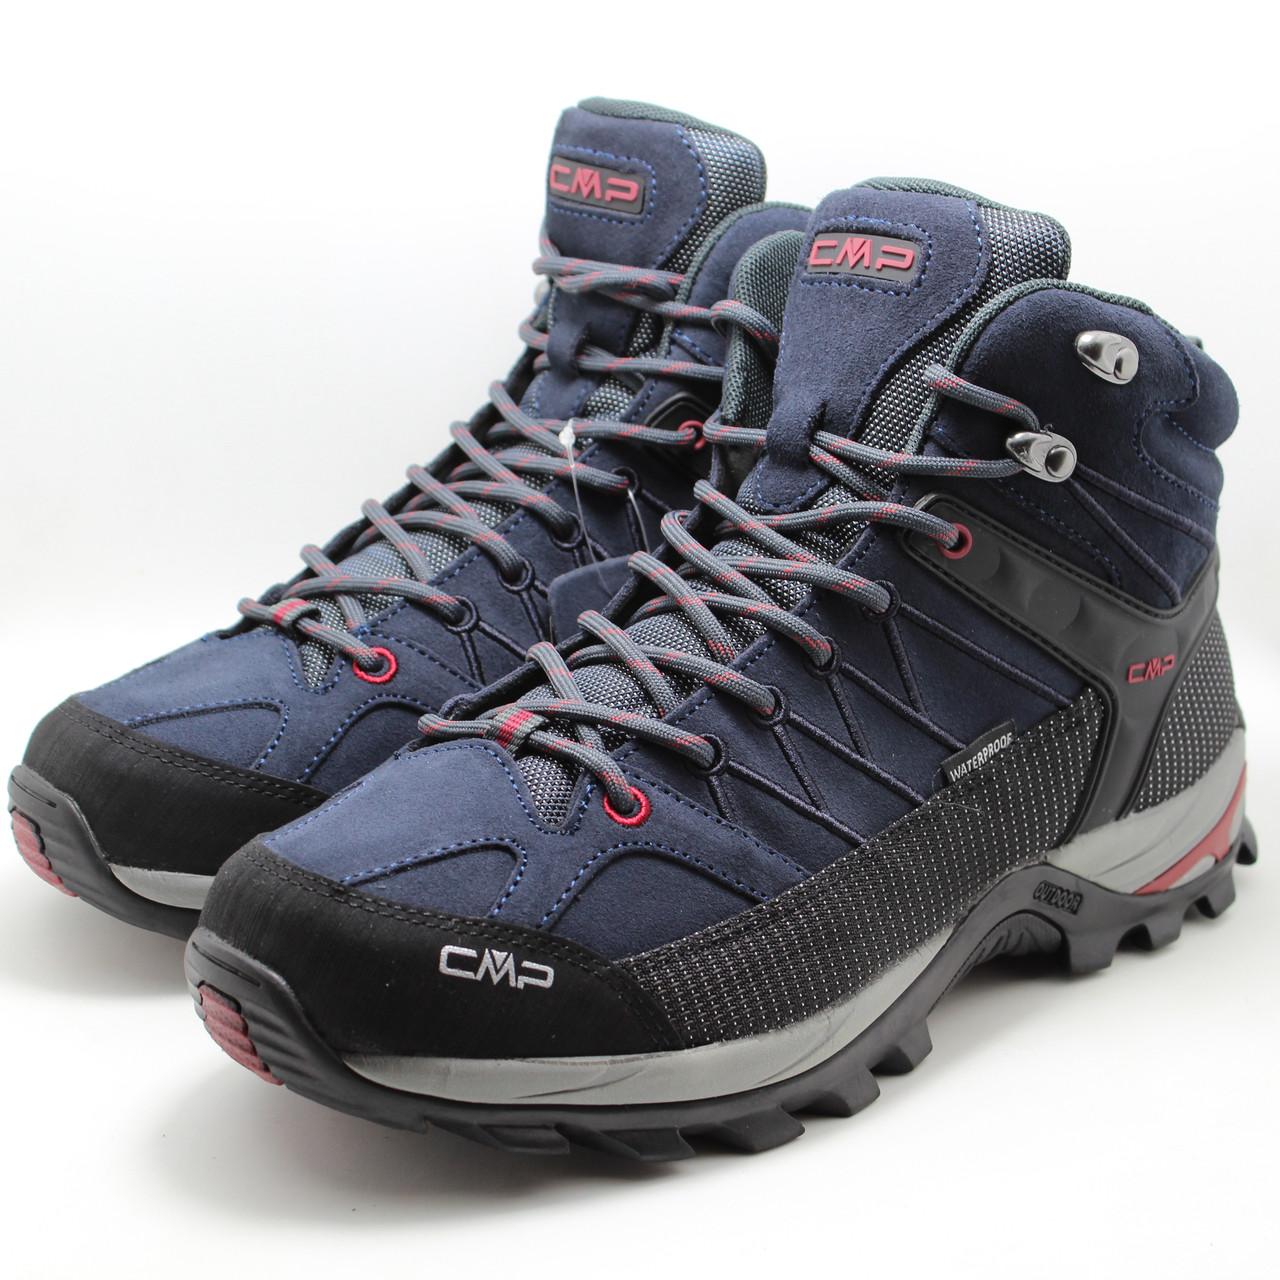 Демисезонные мужские трекинговые термо-ботинки Cmp Campagnolo 3Q12947-62BN